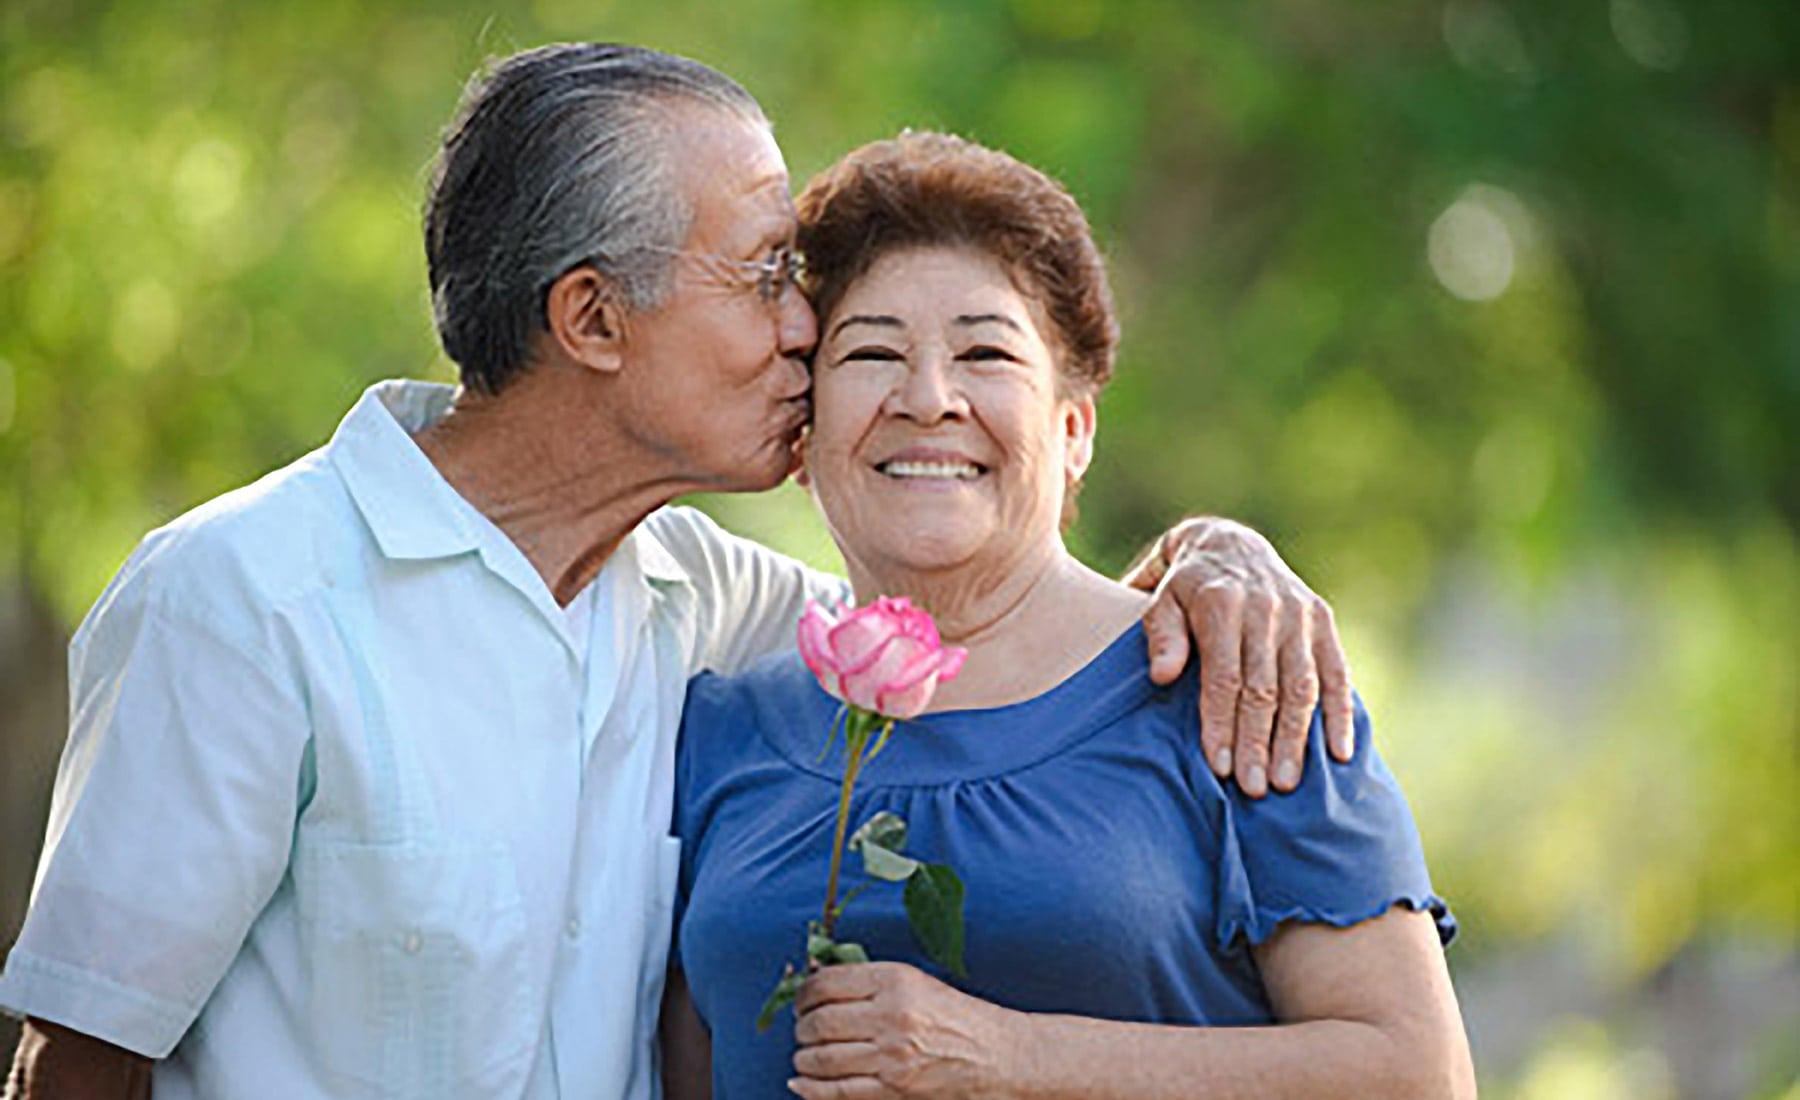 Jacksonville Japanese Seniors Dating Online Service